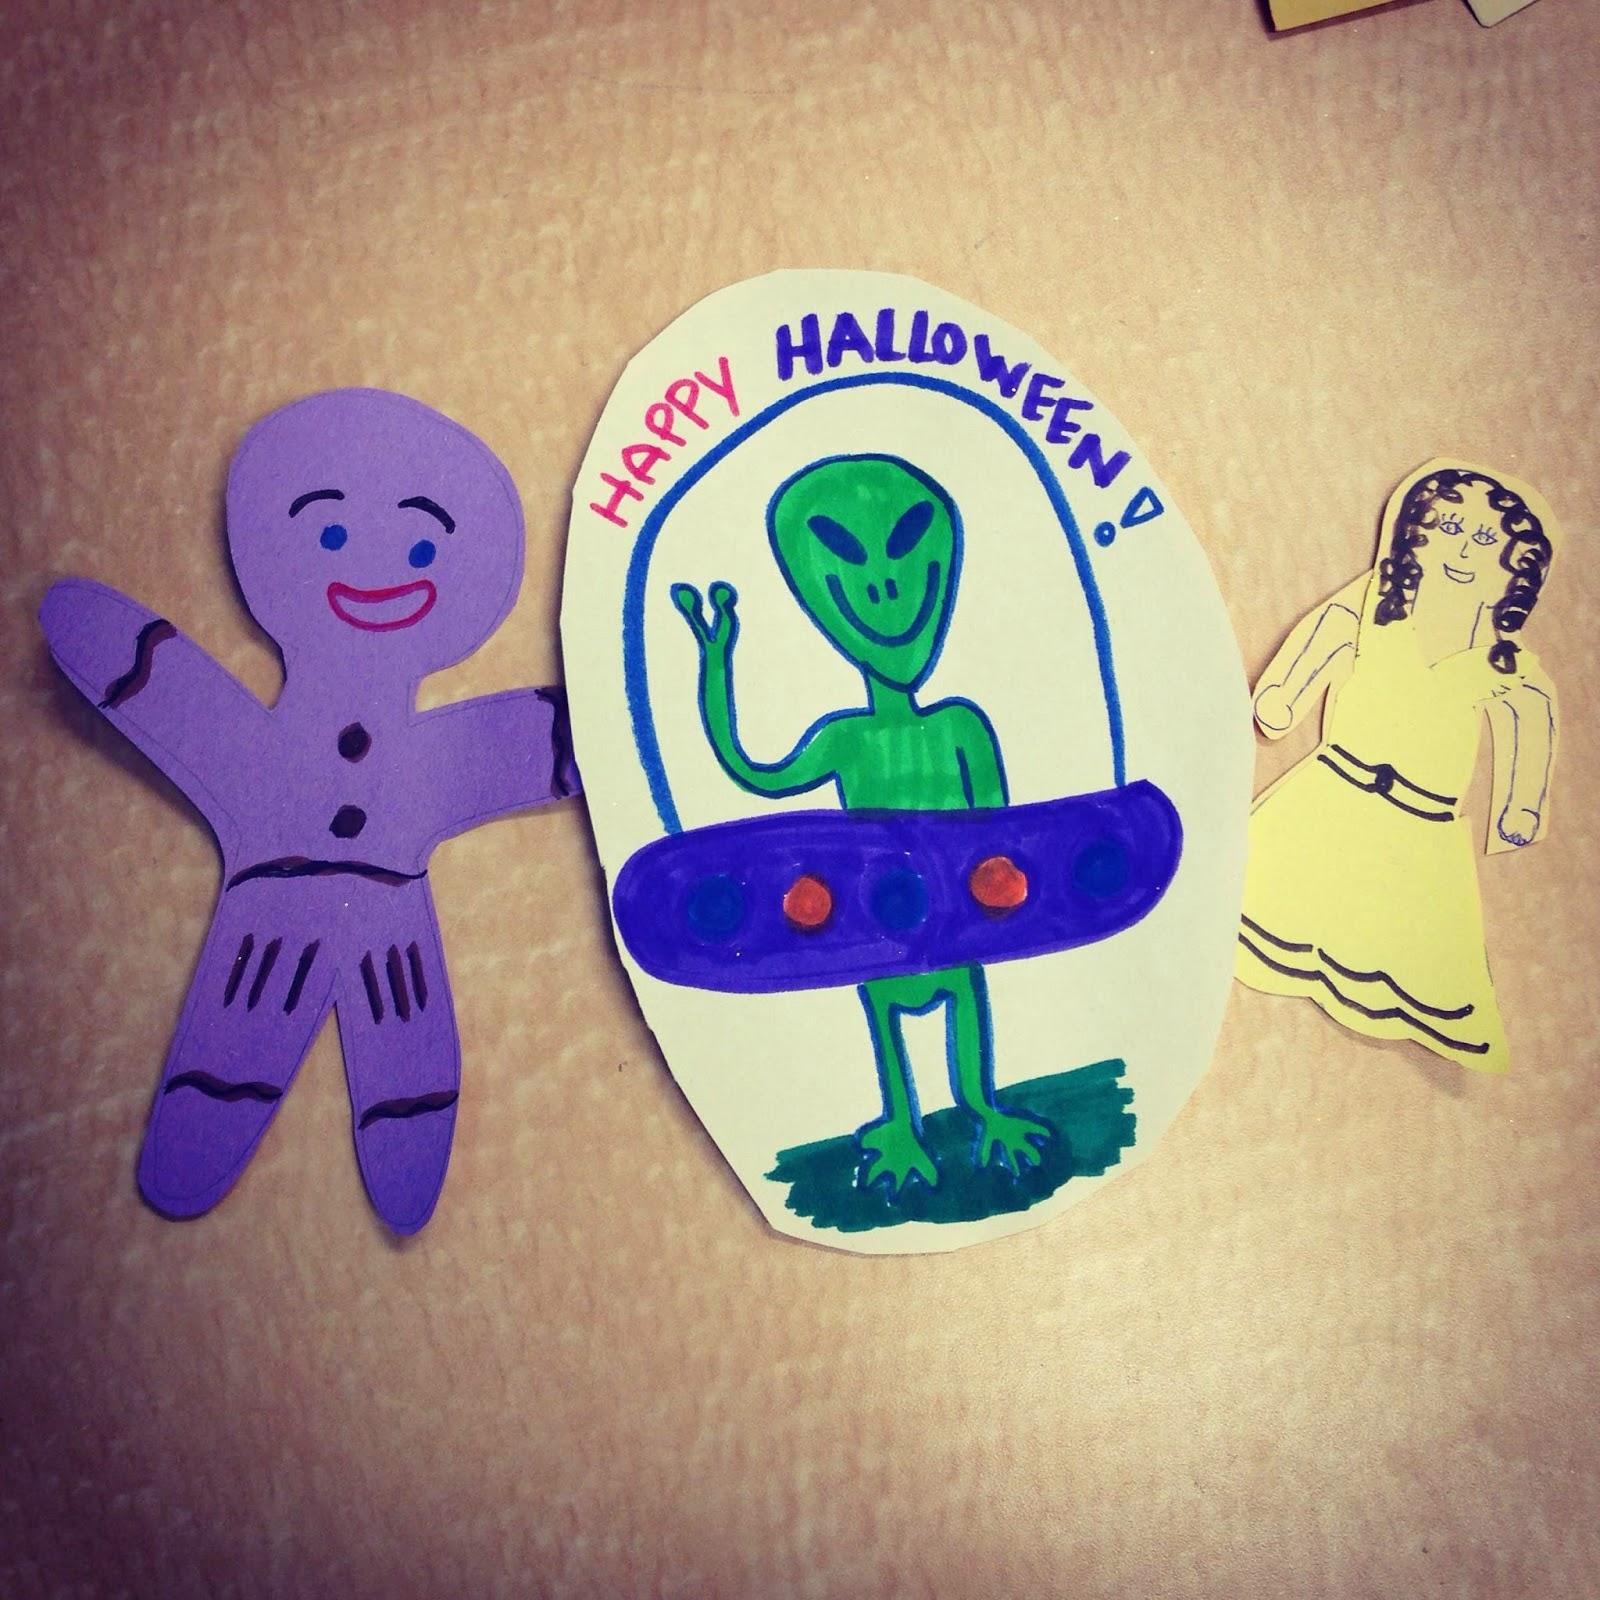 Halloween Costume Memories